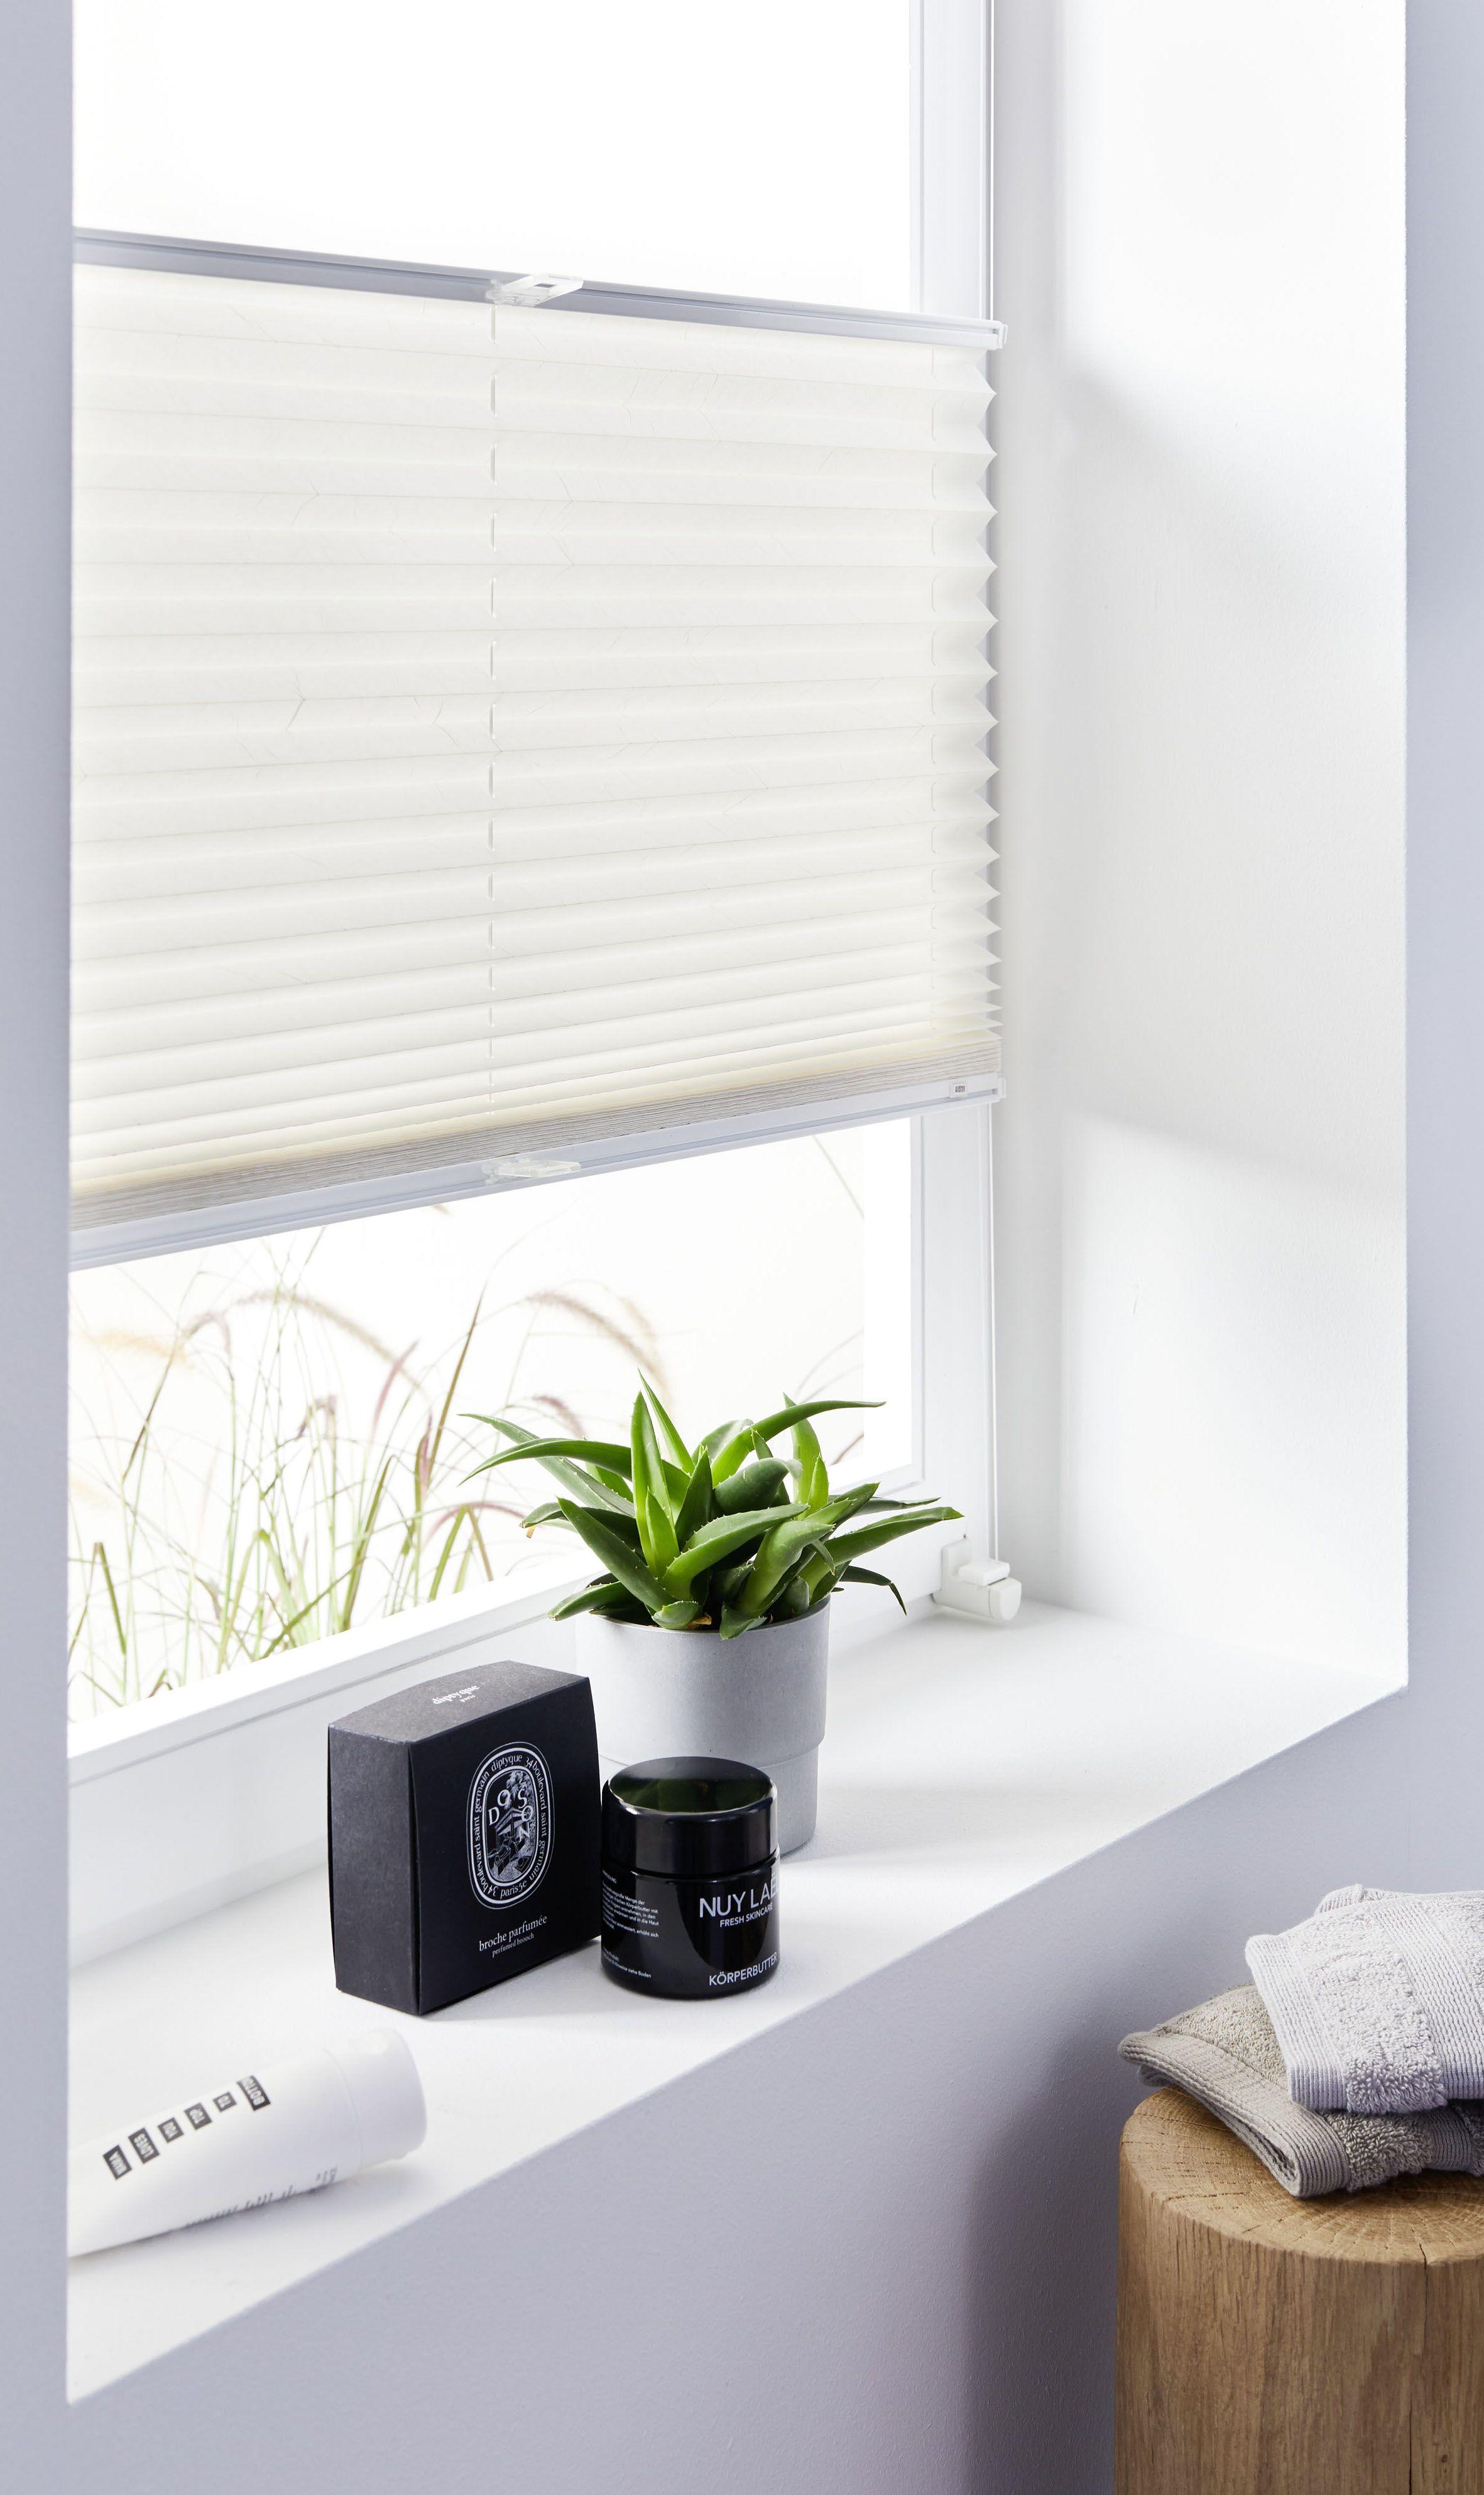 Plissee Weiss Badezimmer Sichtschutz Schoner Wohnen Kollektion In 2020 Fensterdekoration Schoner Wohnen Wohnen